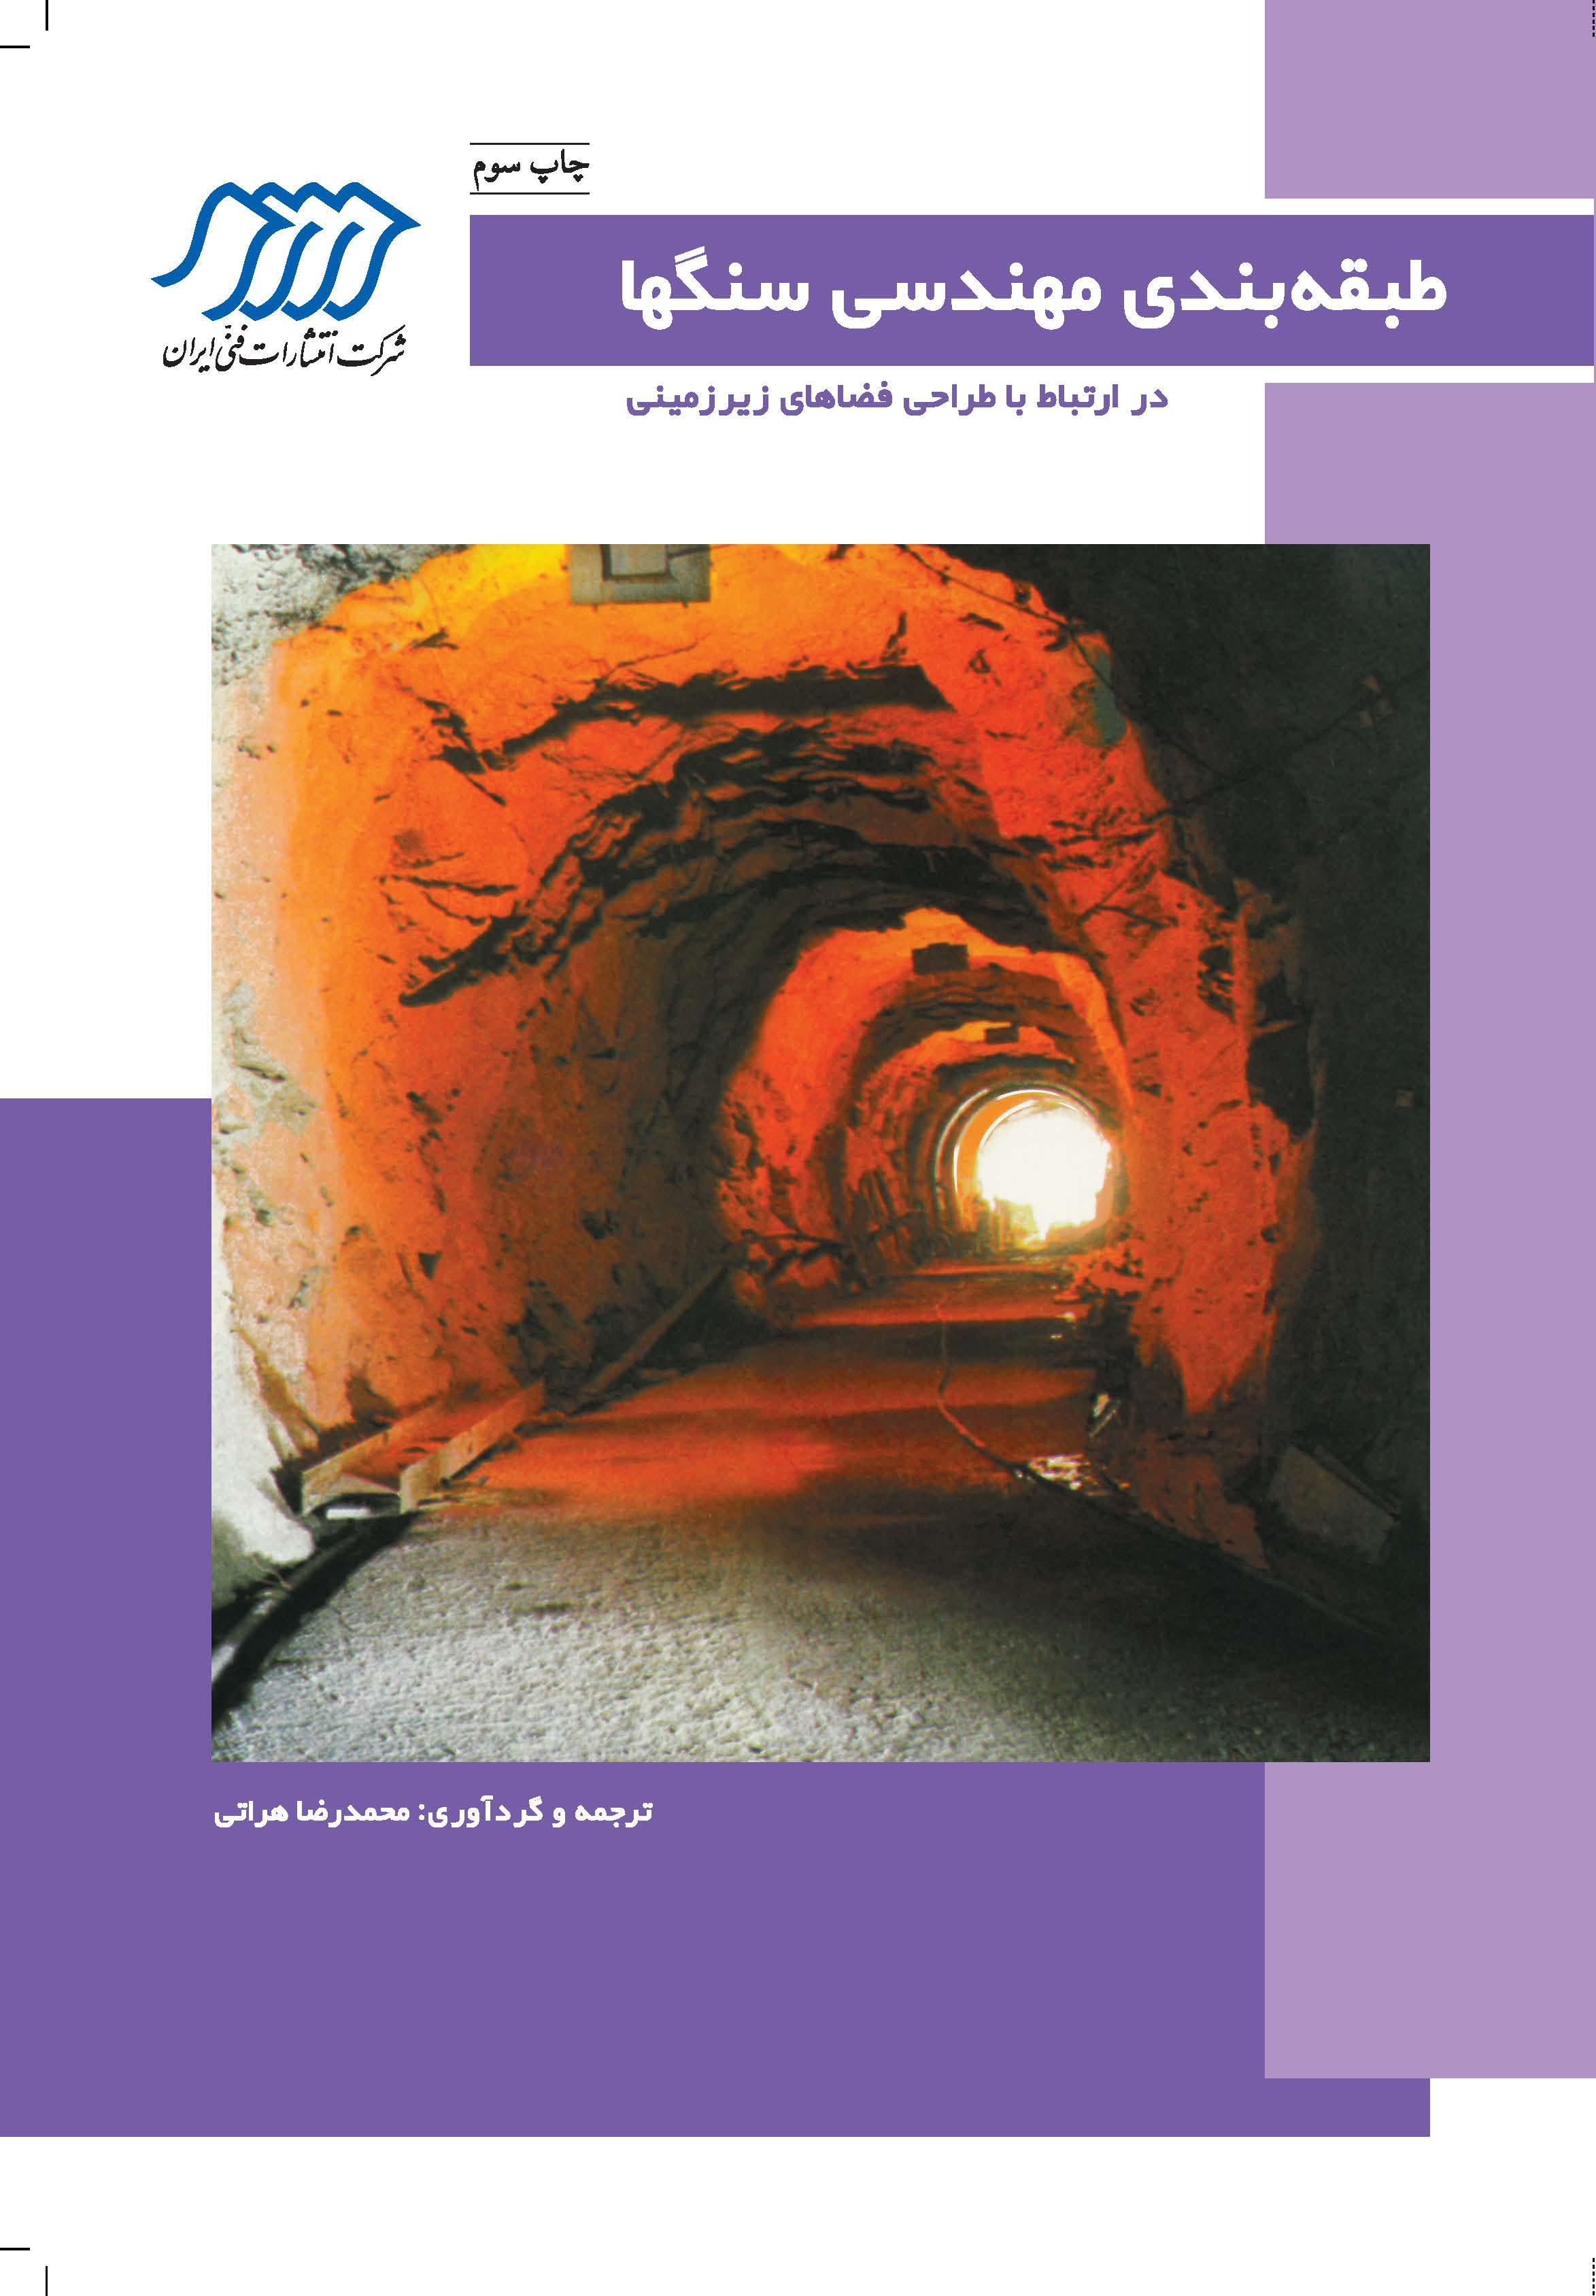 طبقهبندی مهندسی سنگها (در ارتباط با طراحی فضاهای...